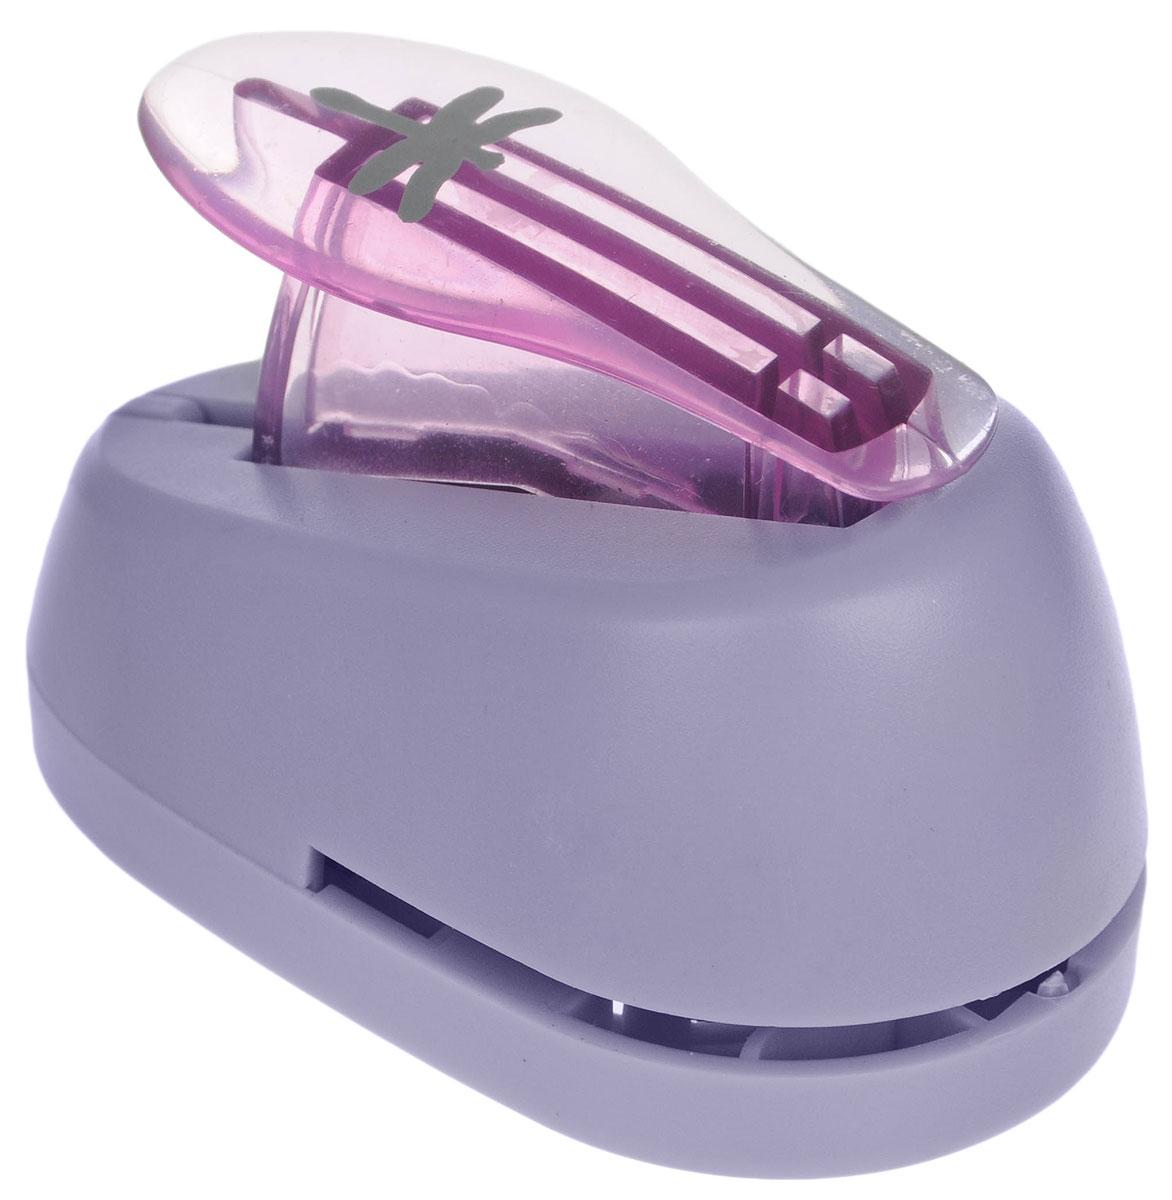 Hobbyboom Дырокол фигурный Стрекоза цвет фиолетовый 1,8 см - Степлеры, дыроколы